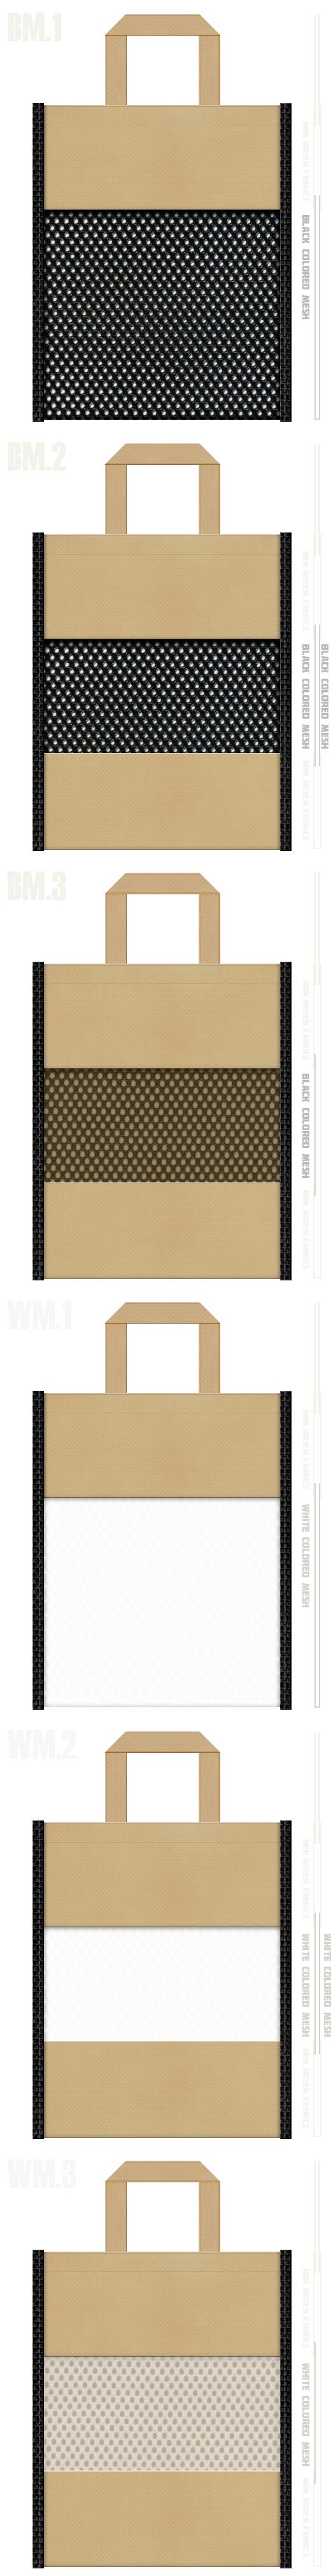 フラットタイプのメッシュバッグのカラーシミュレーション:黒色・白色メッシュとカーキ色不織布の組み合わせ